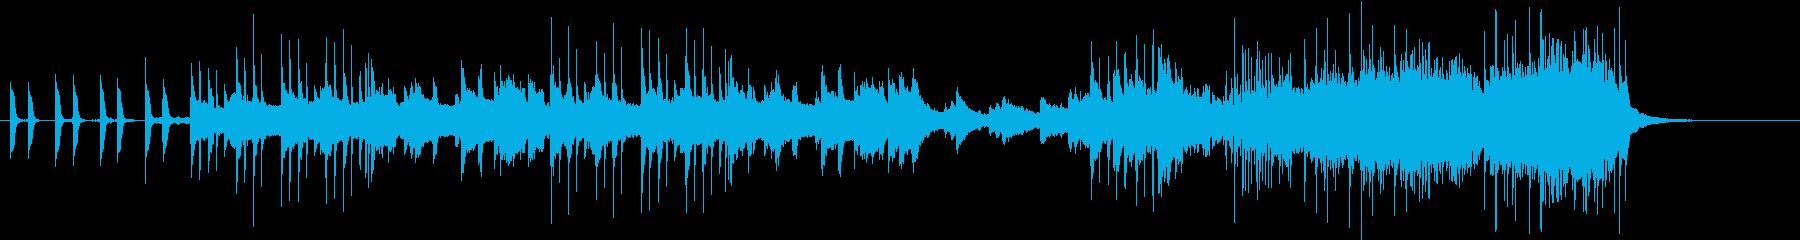 ロックの再生済みの波形